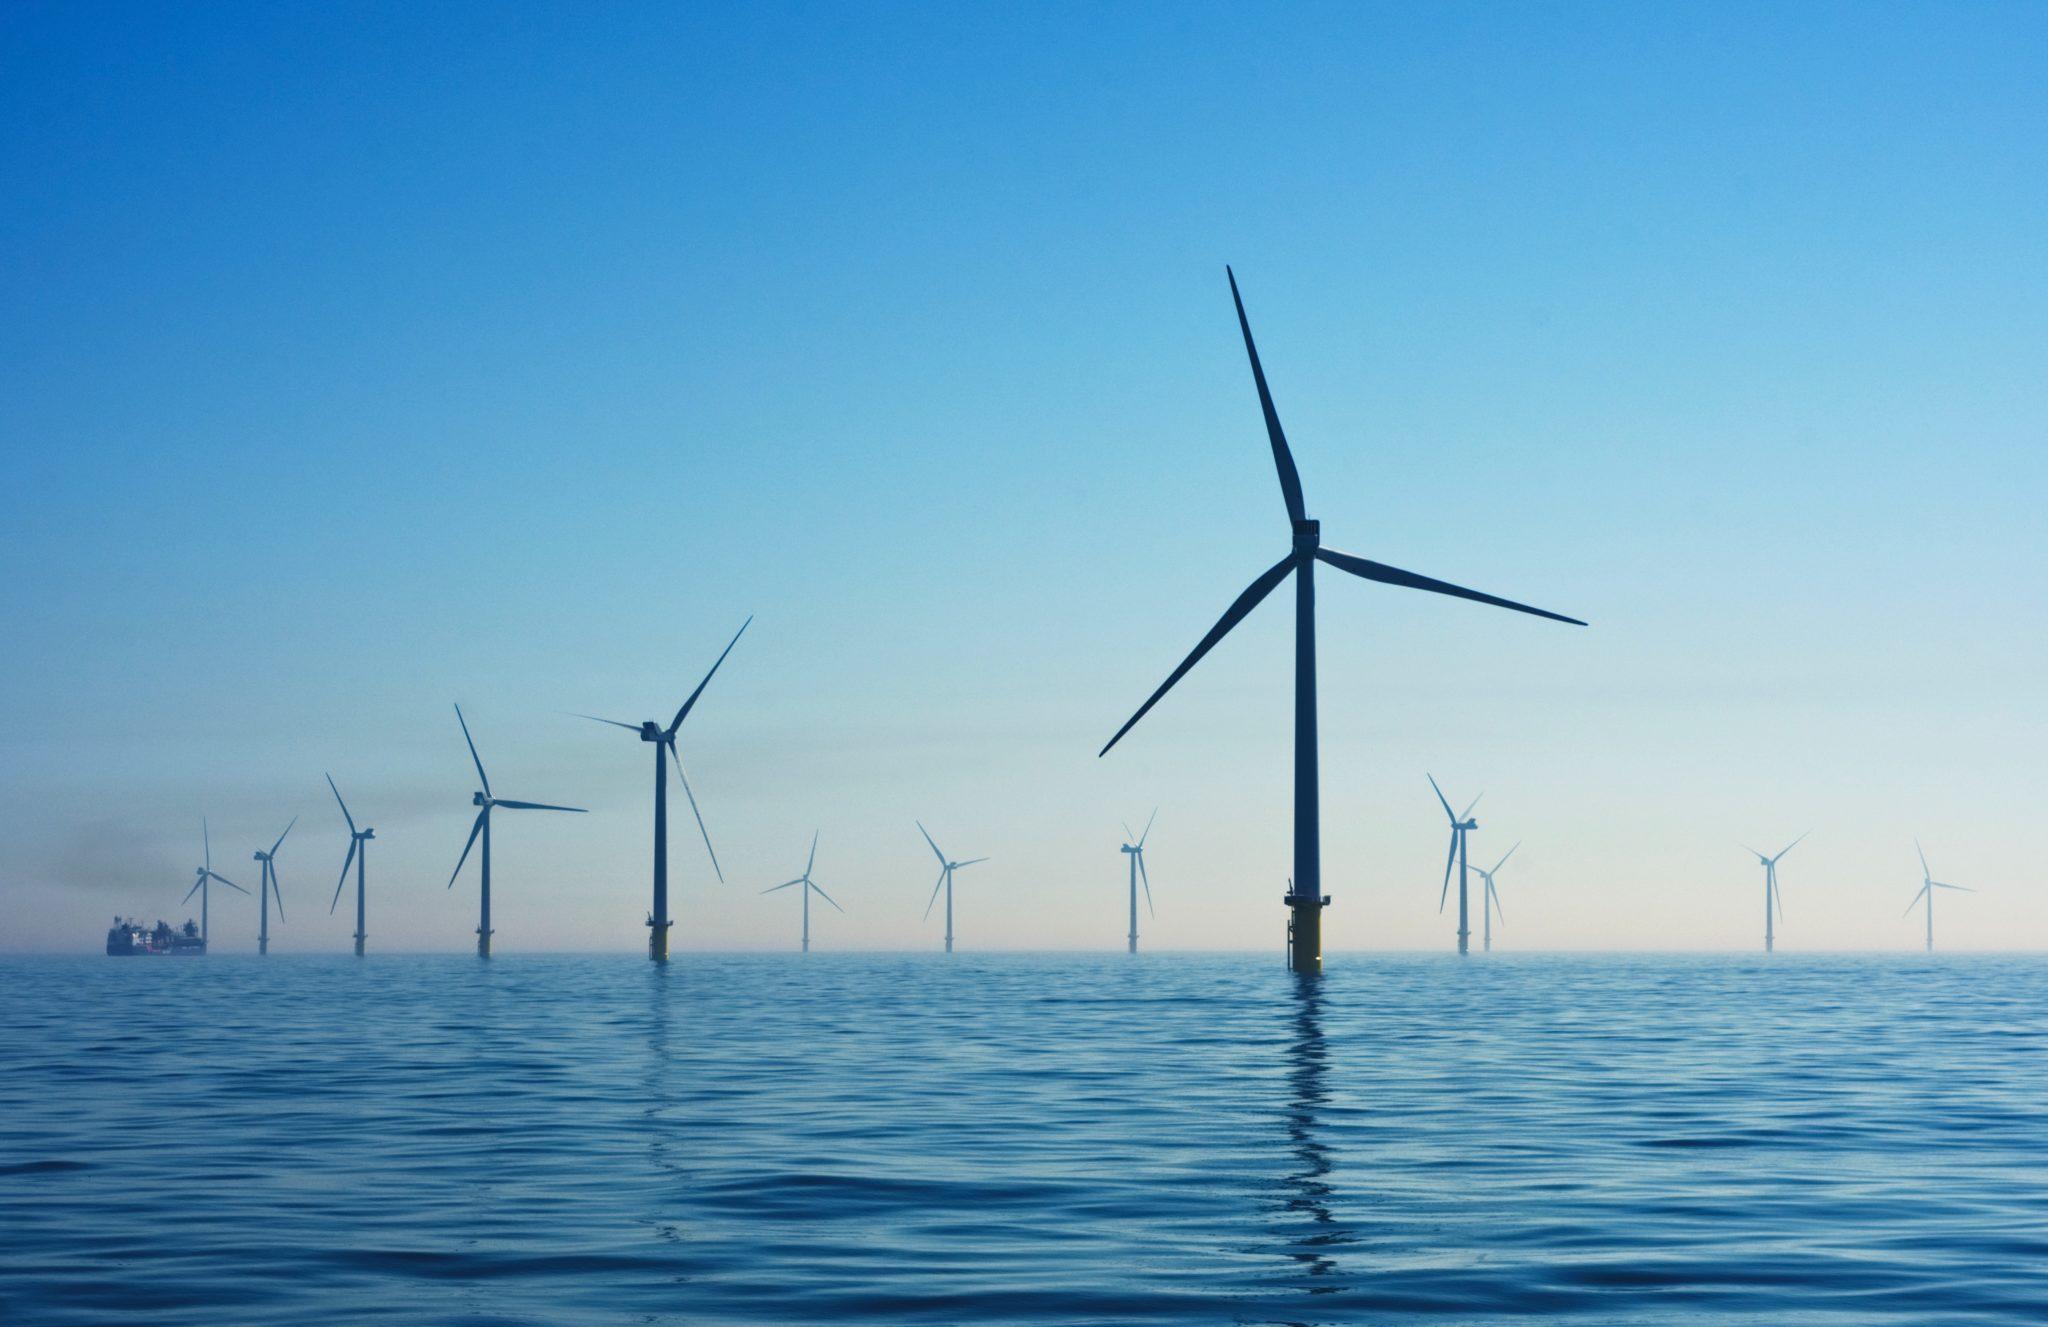 Eine Offshore-Windenergieanlage, der Himmel ist blau